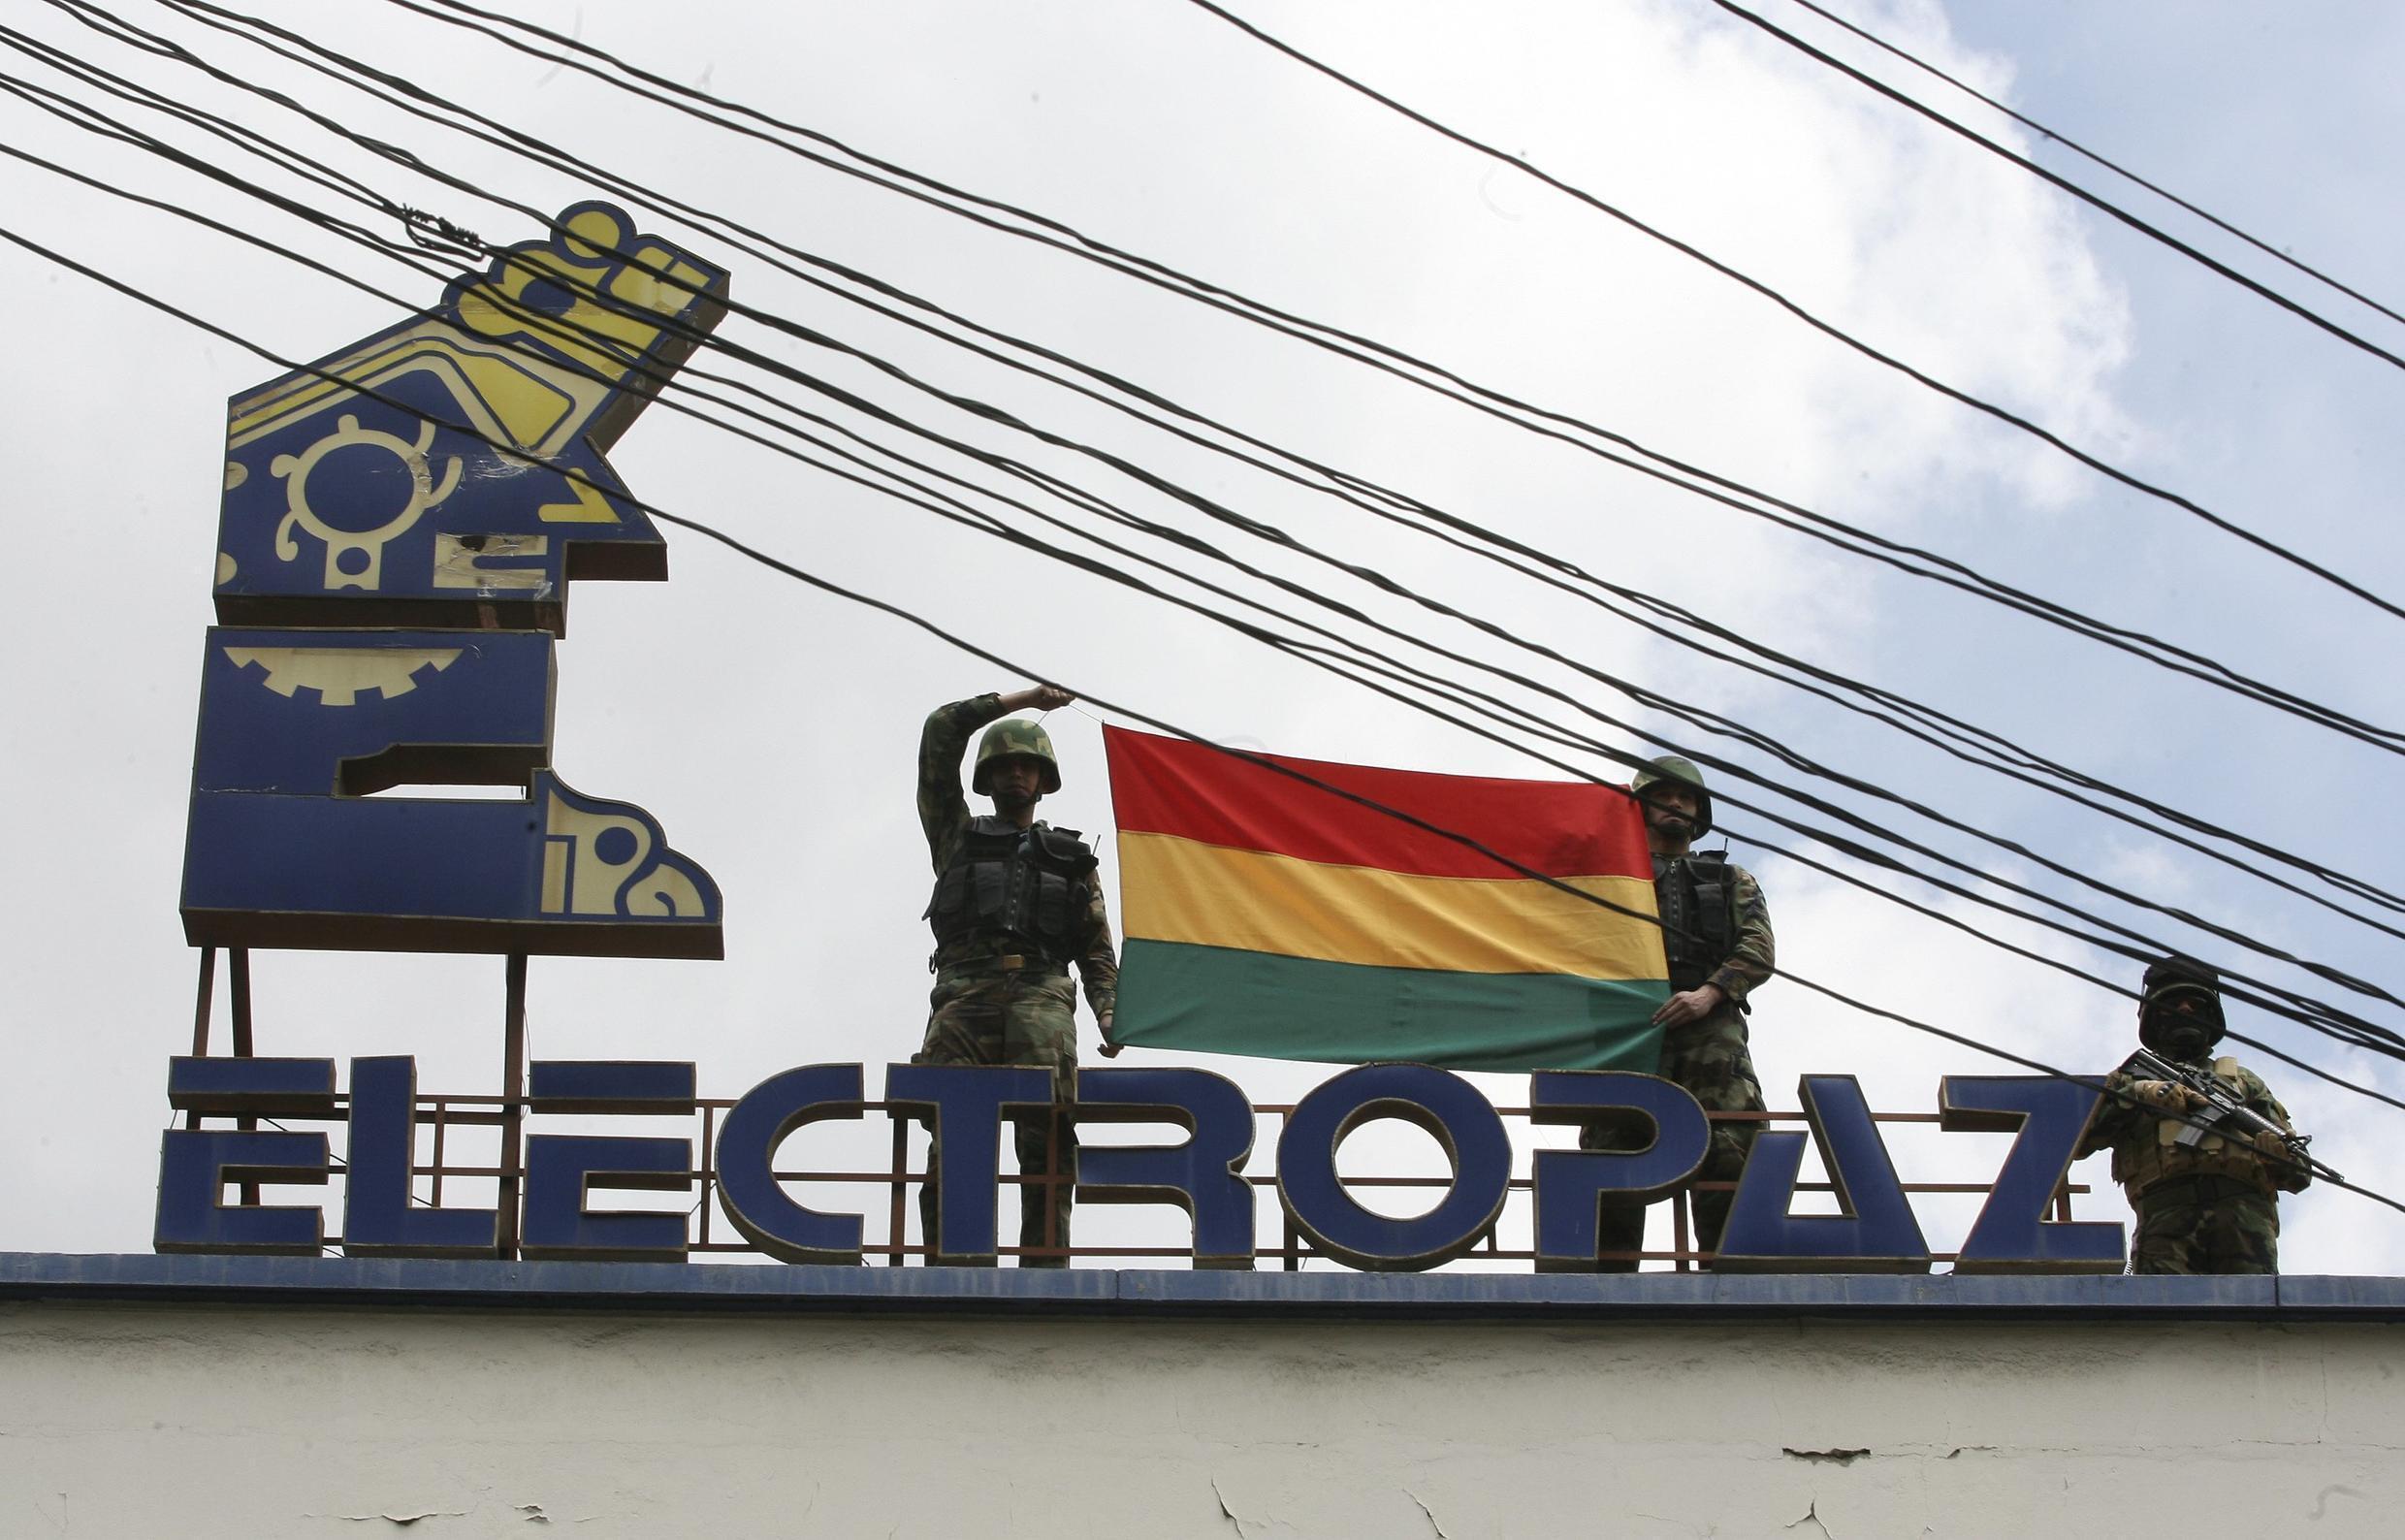 Binh sĩ Bolivia trương cờ tại trụ sở của tập đoàn Electropaz, 29/12/2012.